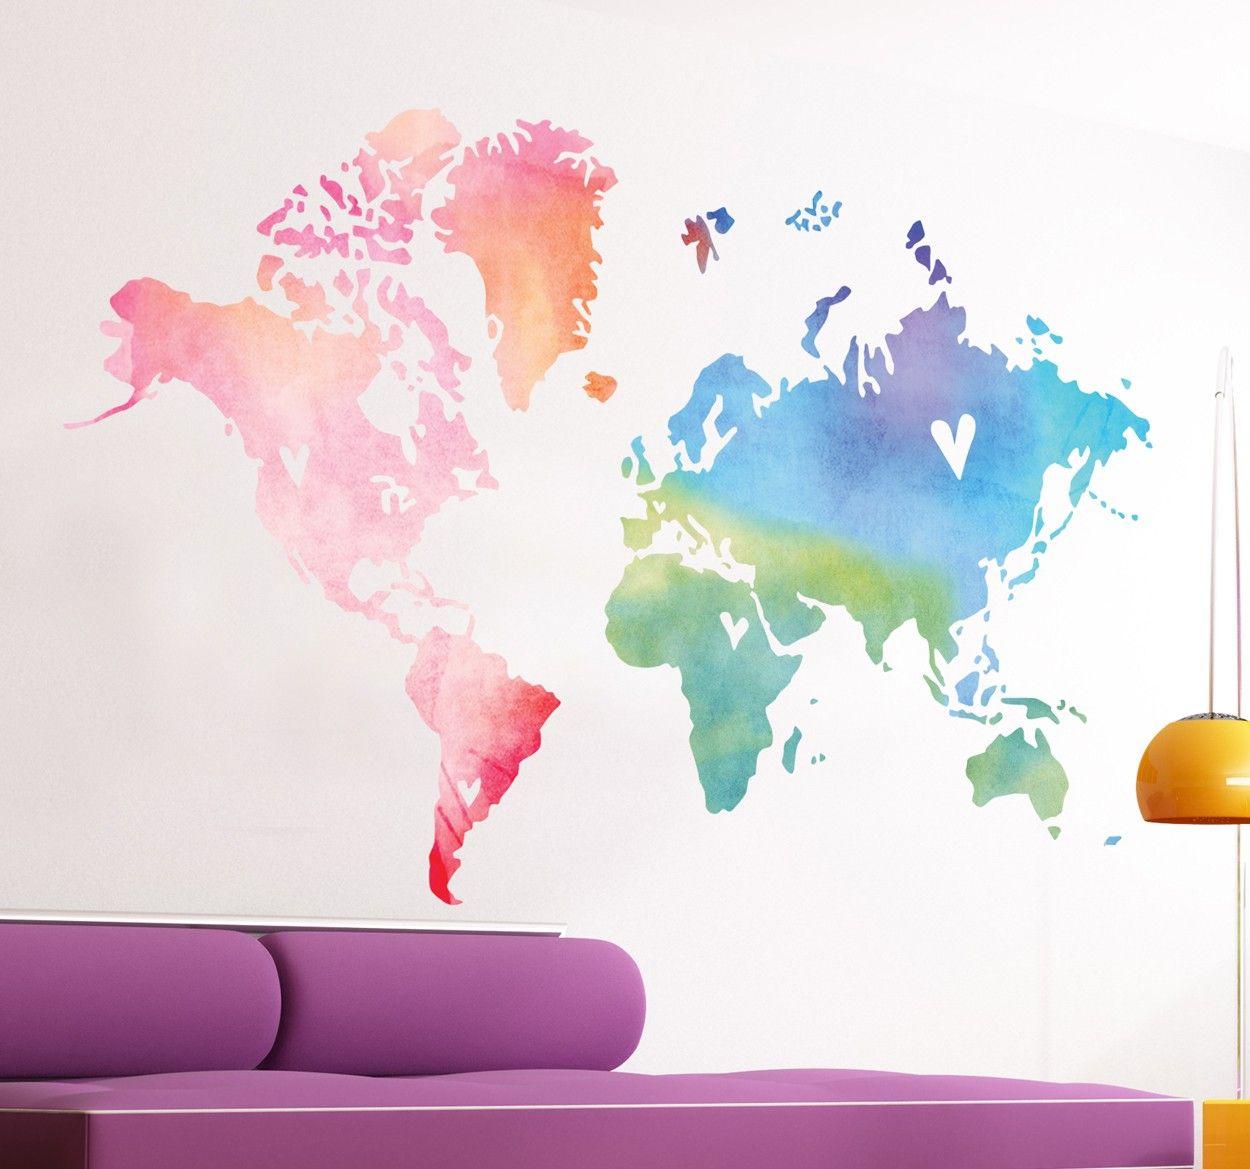 Einzigartig Wandtattoo Weltkarte Dekoration Von Aquarell